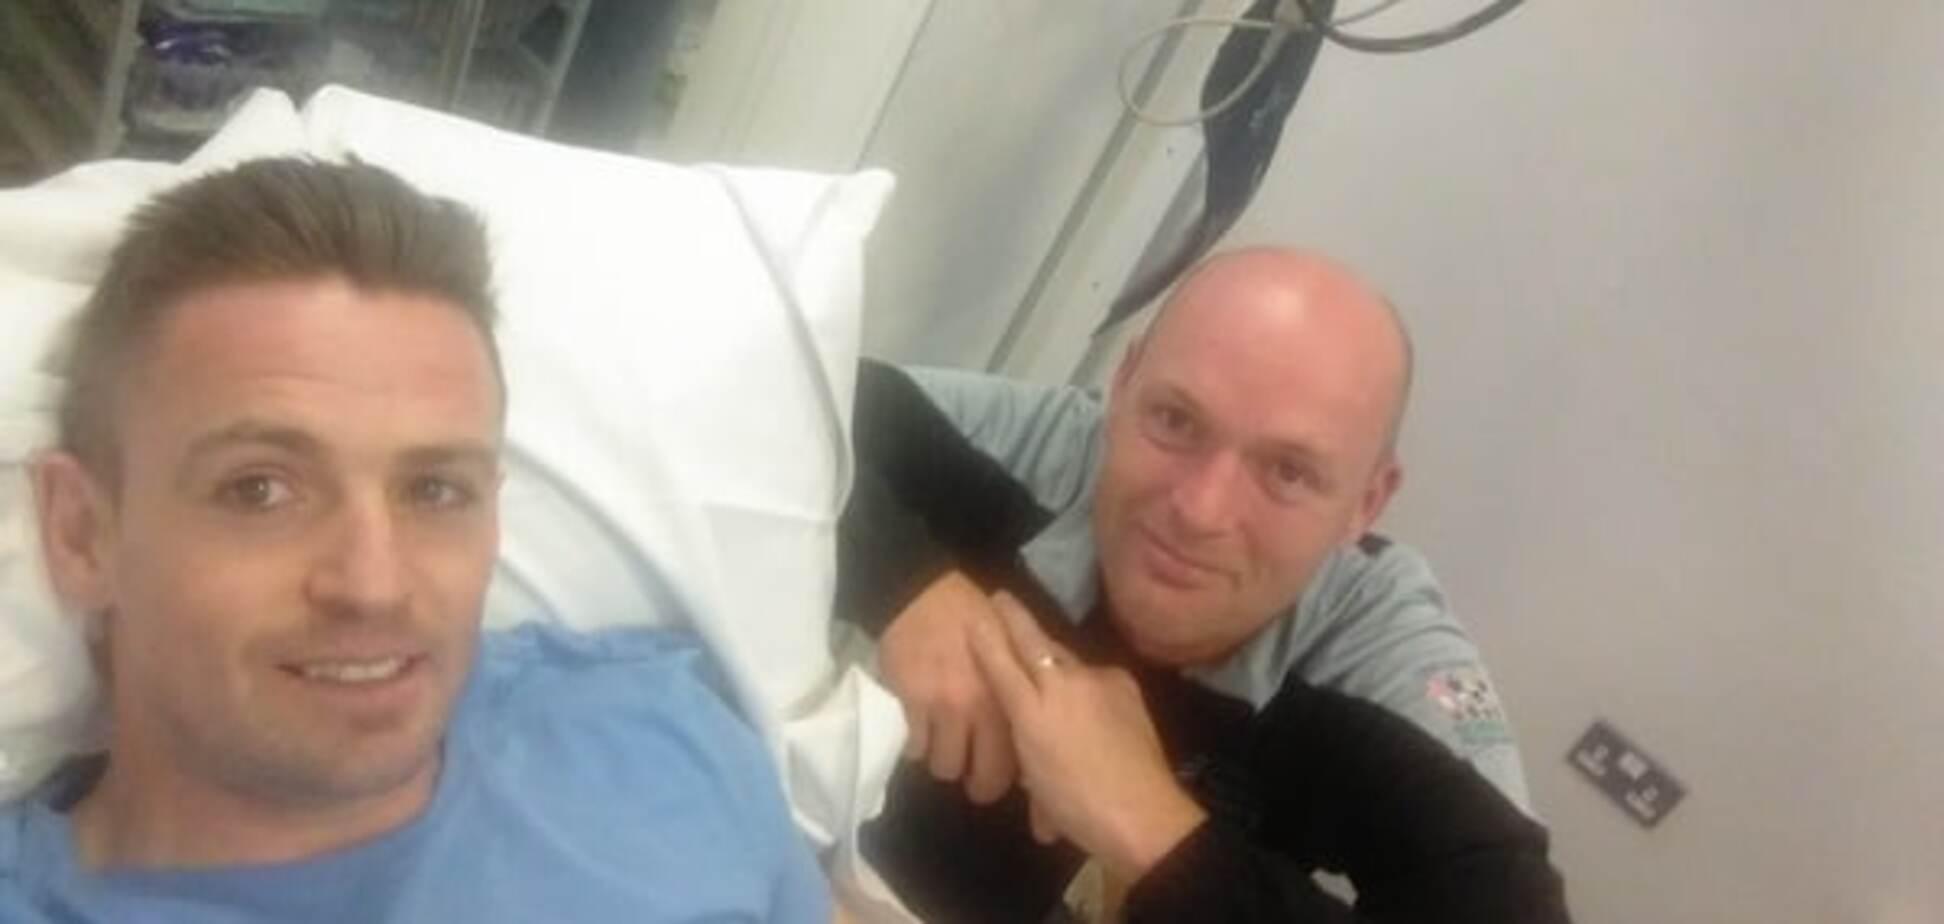 Ирландскому футболисту оторвало палец во время неудачного прыжка: фотографии не для слабонервных